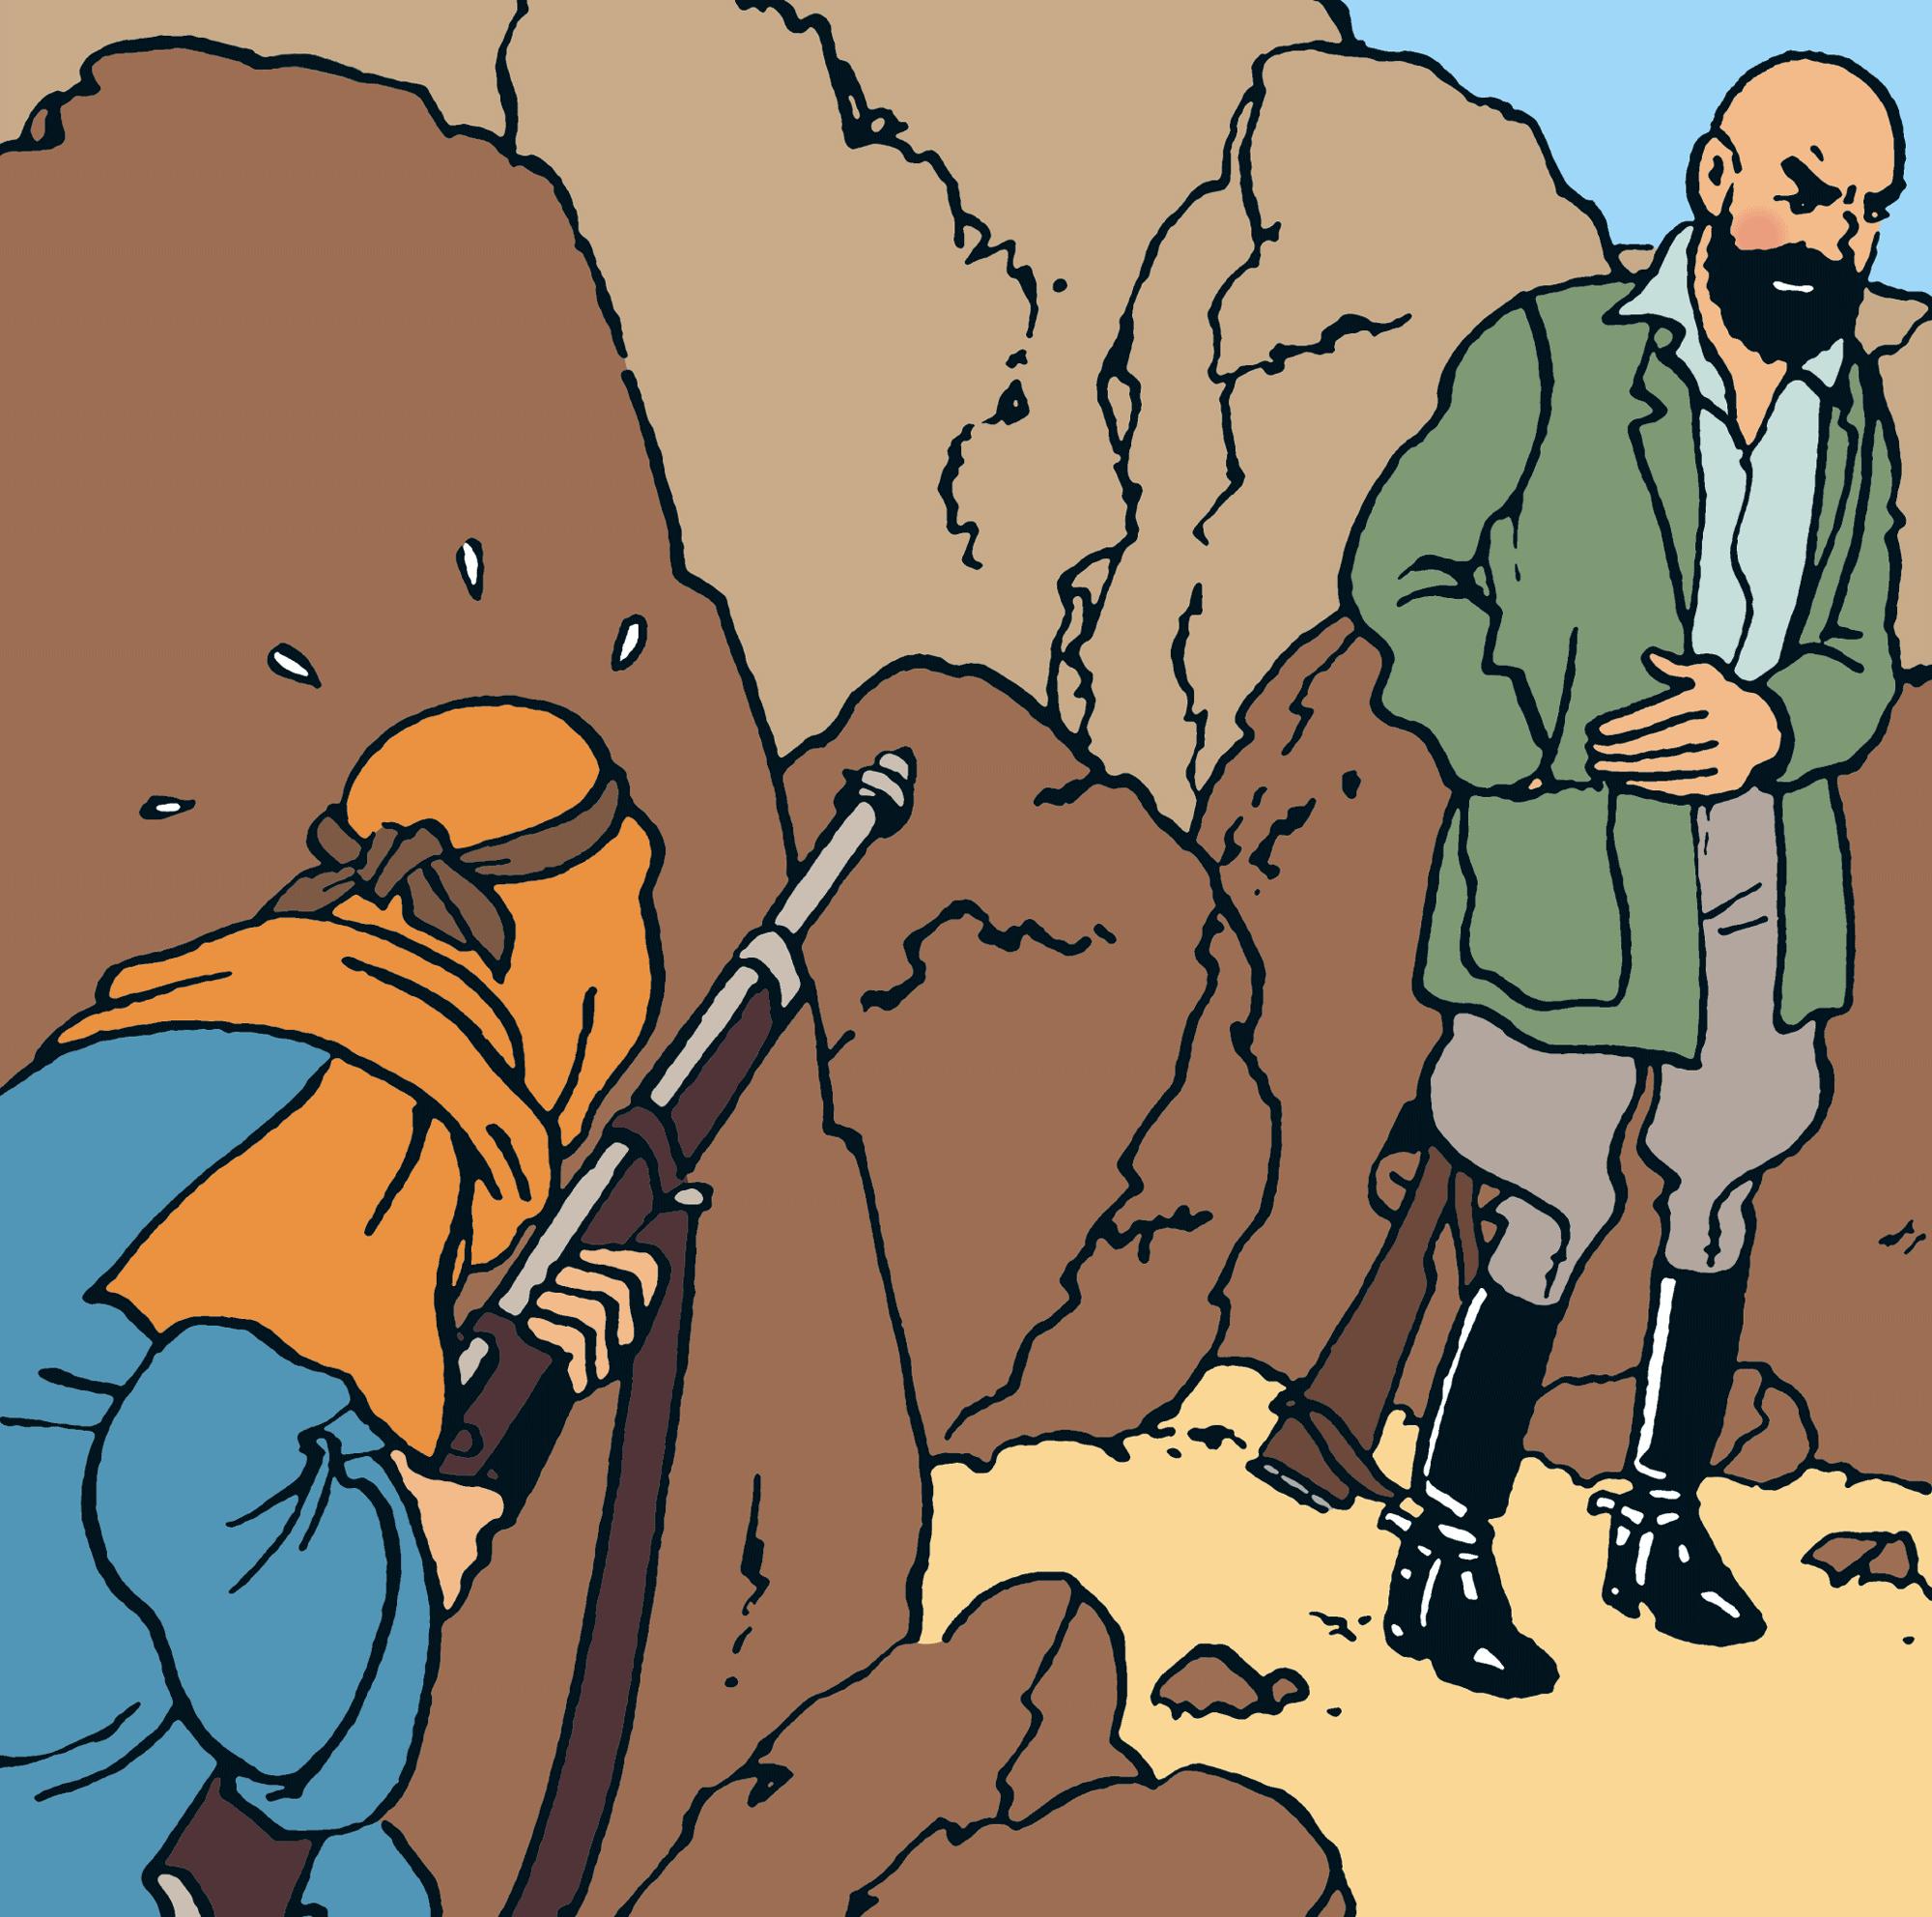 Tintin - Les Aventures de Tintin - Tintin au pays de l'or noir - Personnage Le professeur Smith, archéologue